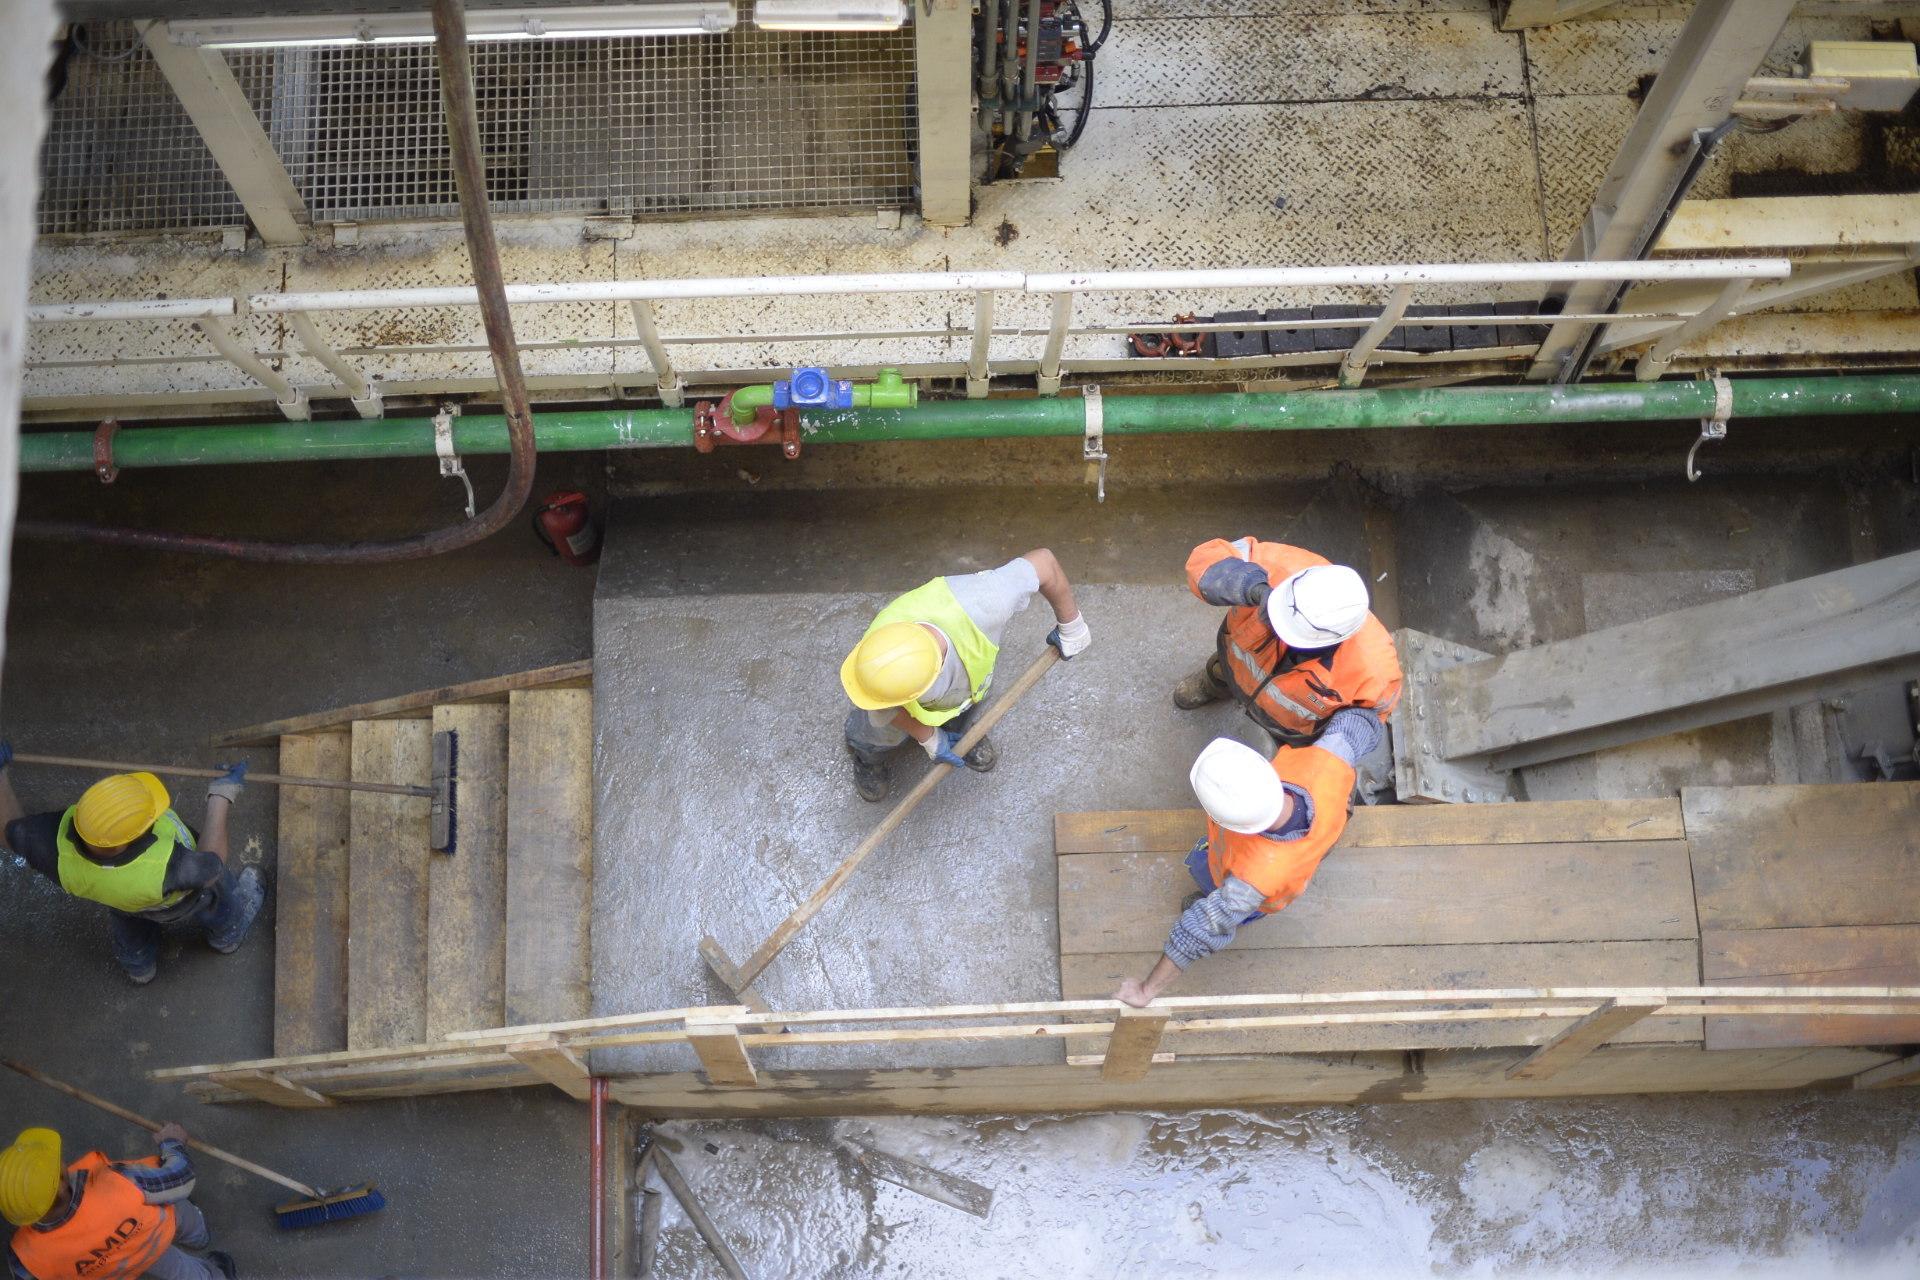 Cum arată scutul ce va săpa tunelurile de metrou pe tronsonul Râul Doamnei-Eroilor, magistrala cinci. Galerie Foto de pe şantierul viitoarei staţii Academia Militară